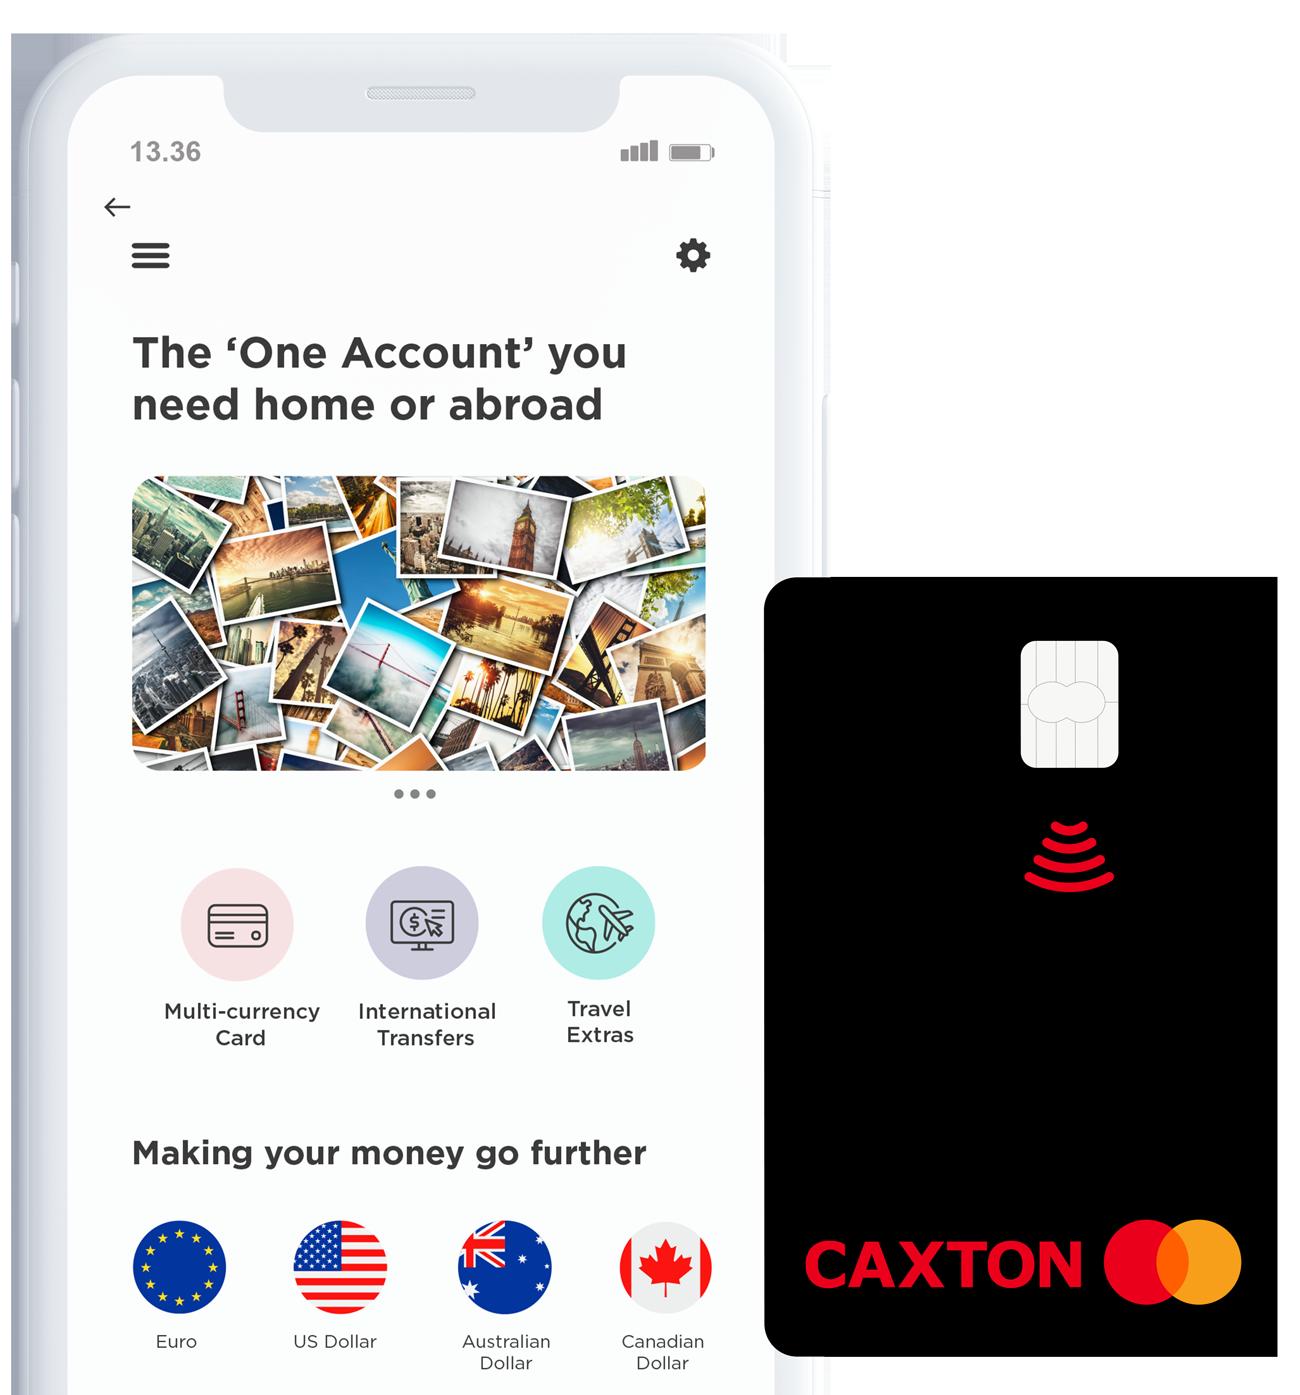 Caxton Best Travel Money Card UK